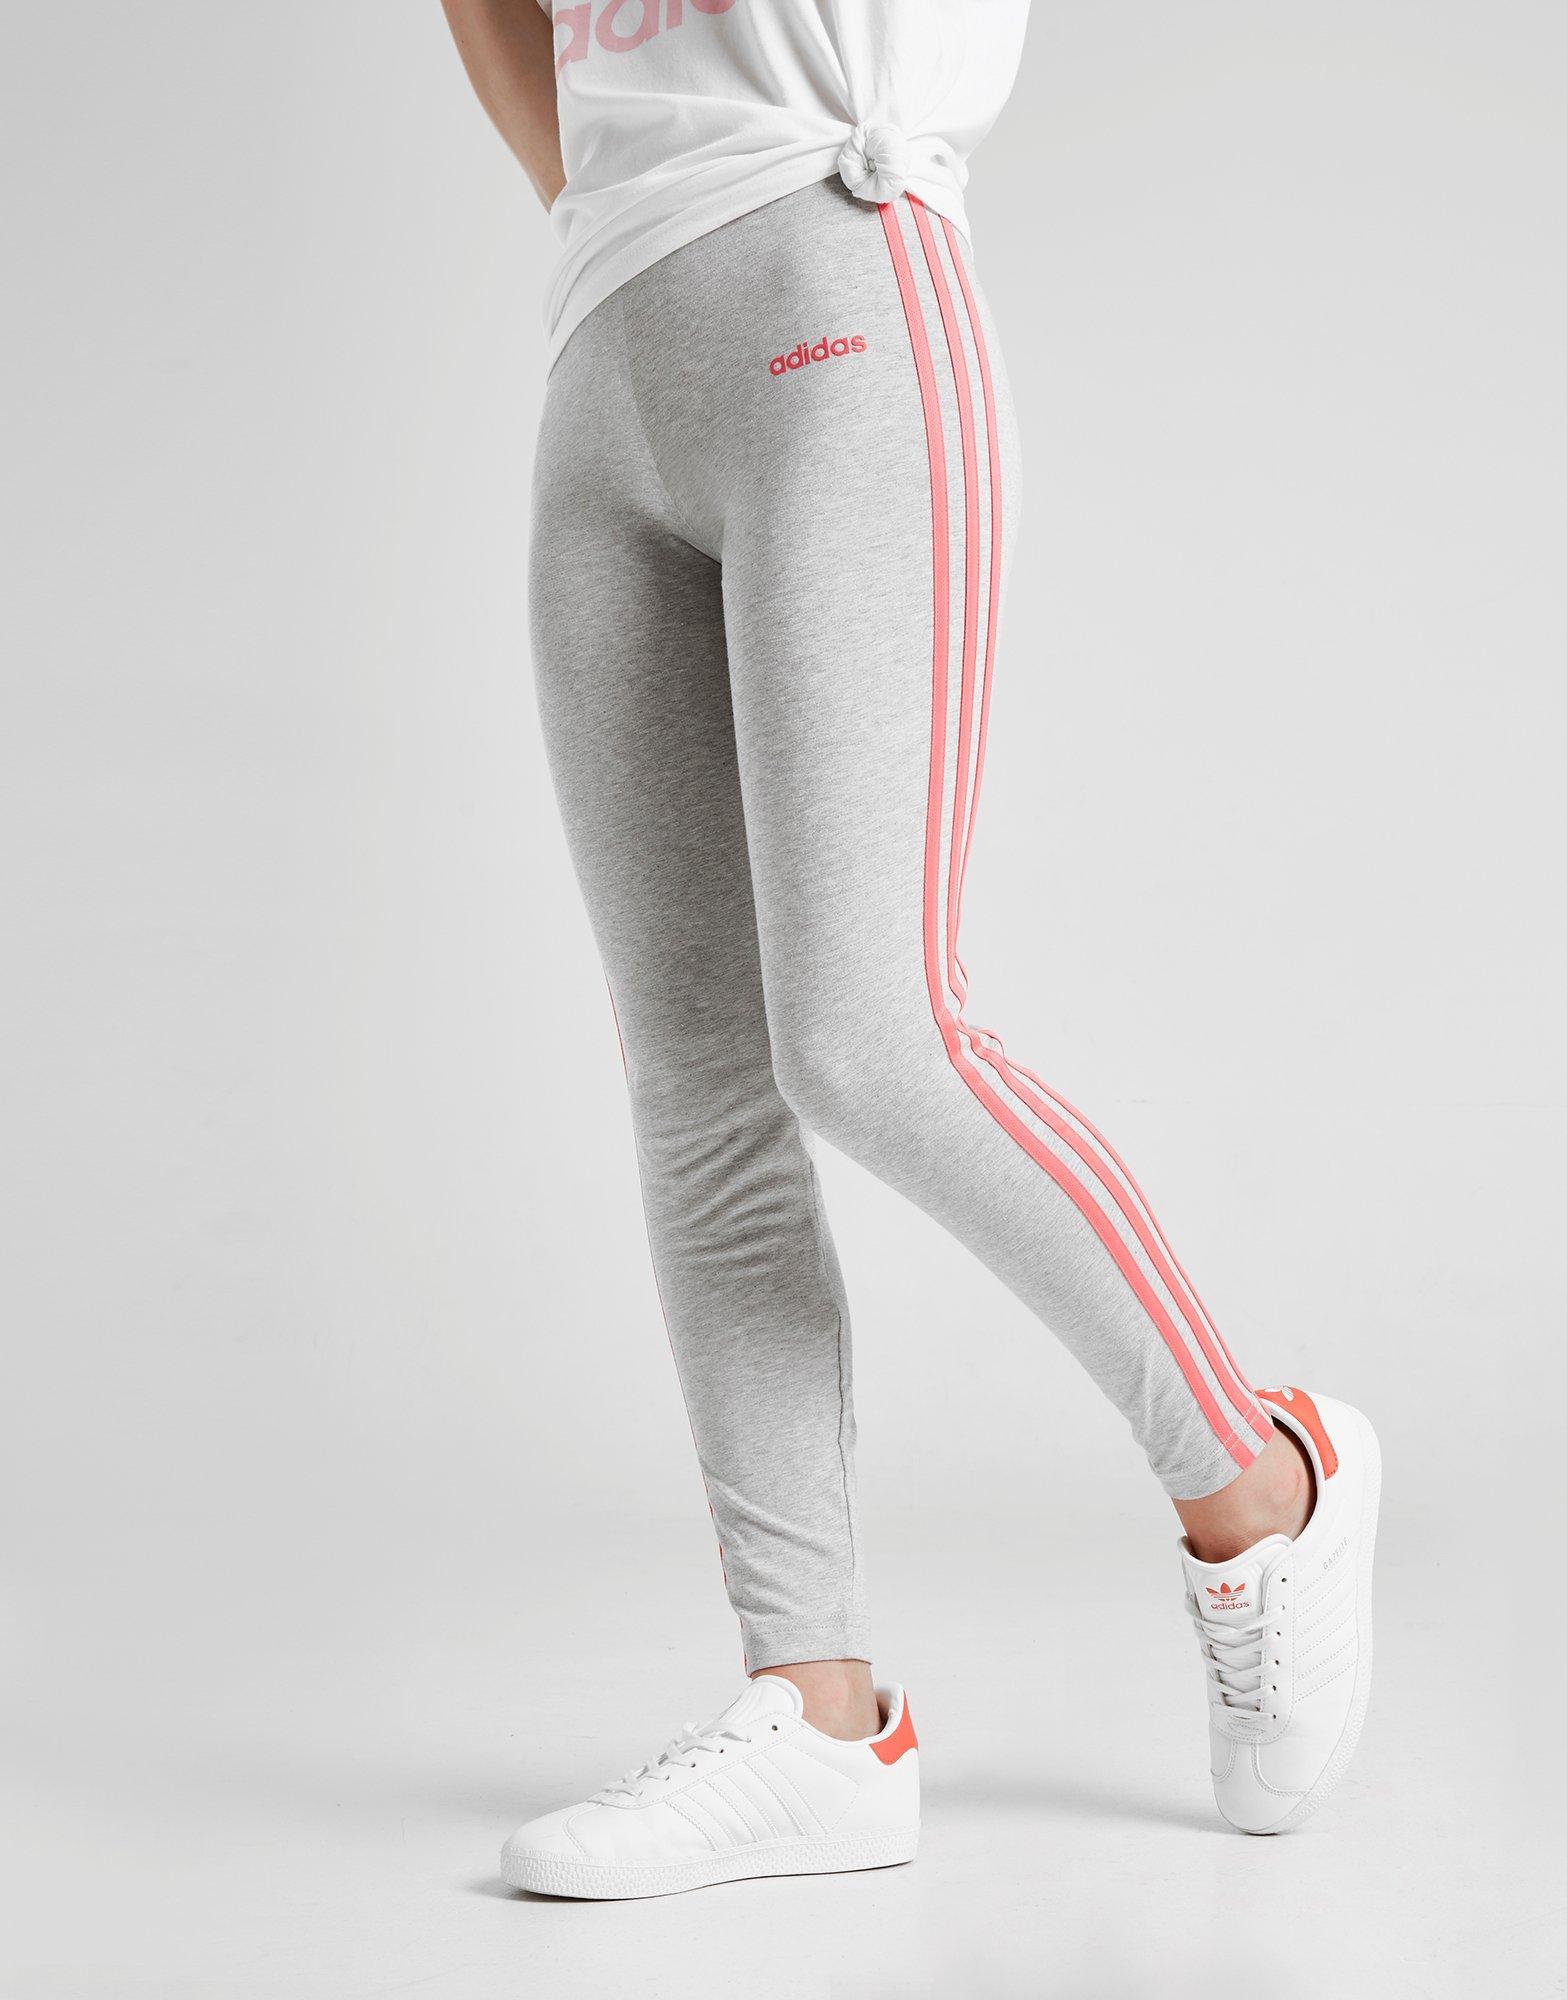 adidas girls leggings